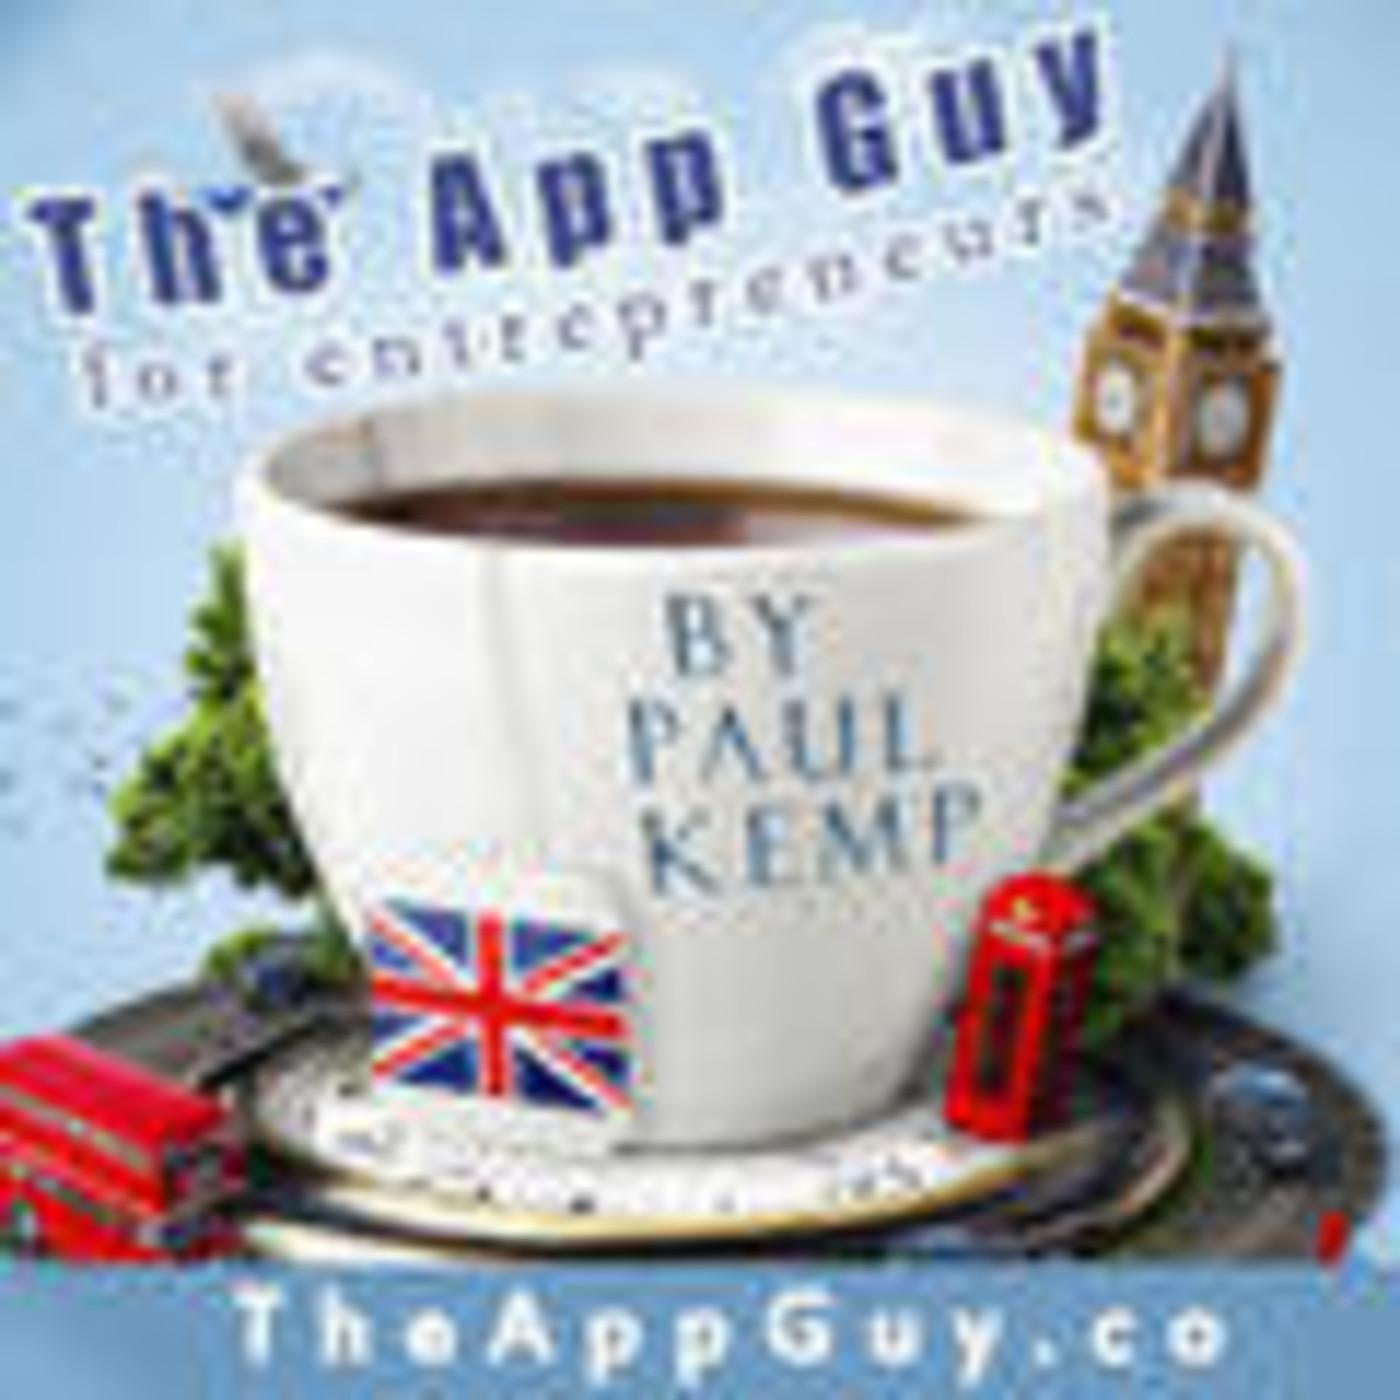 Paul Kemp : App Entrepreneur a